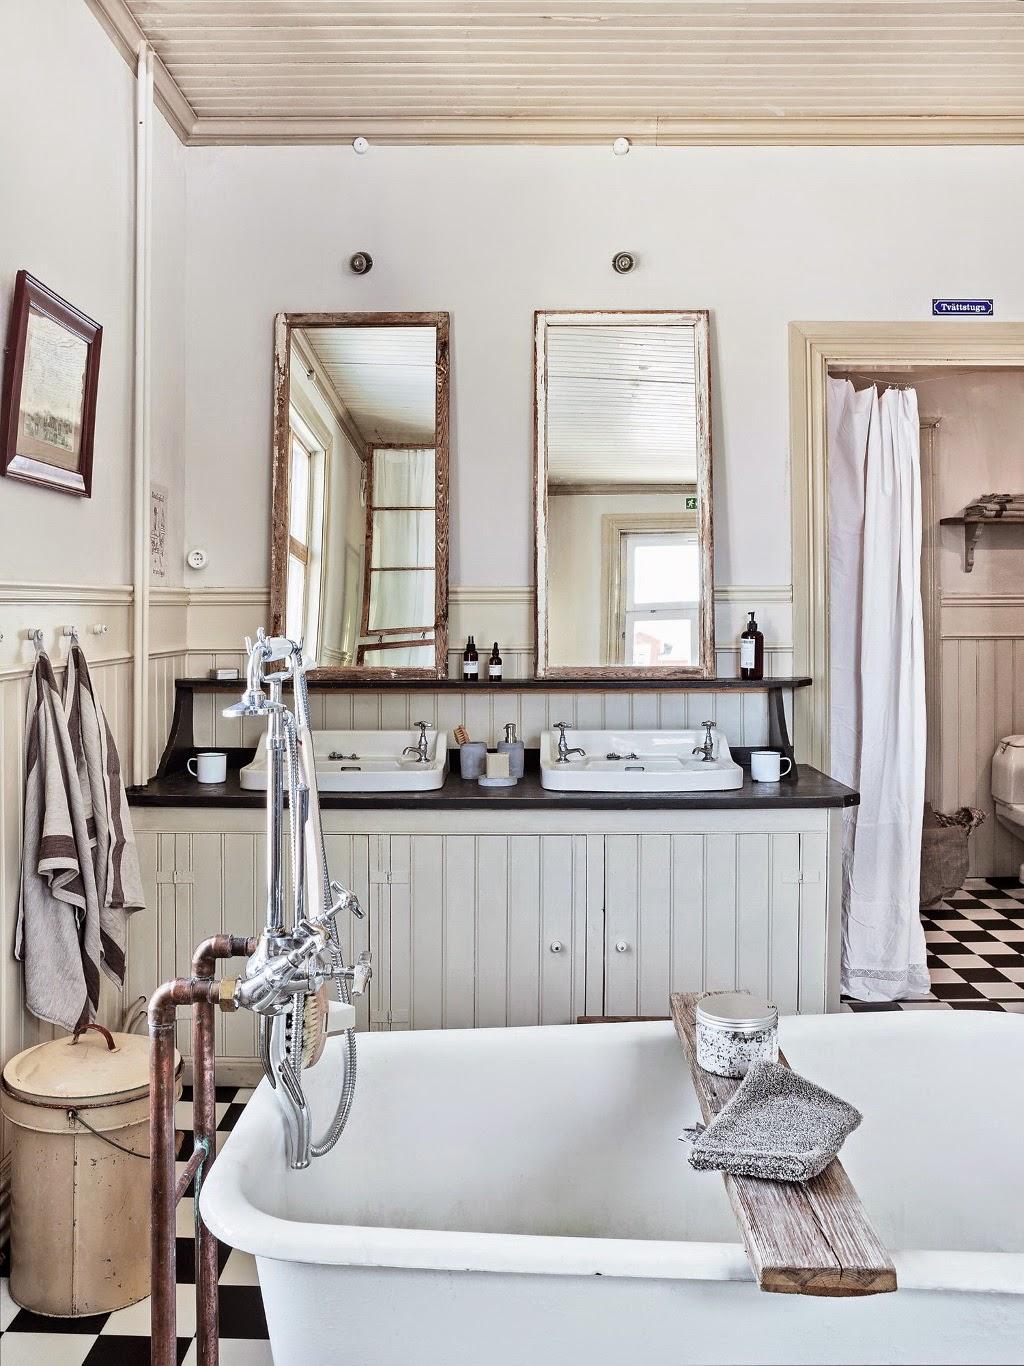 Baños Rusticos Vintage:Vintage] Una reforma de baño en estilo vintage rústico – Virlova